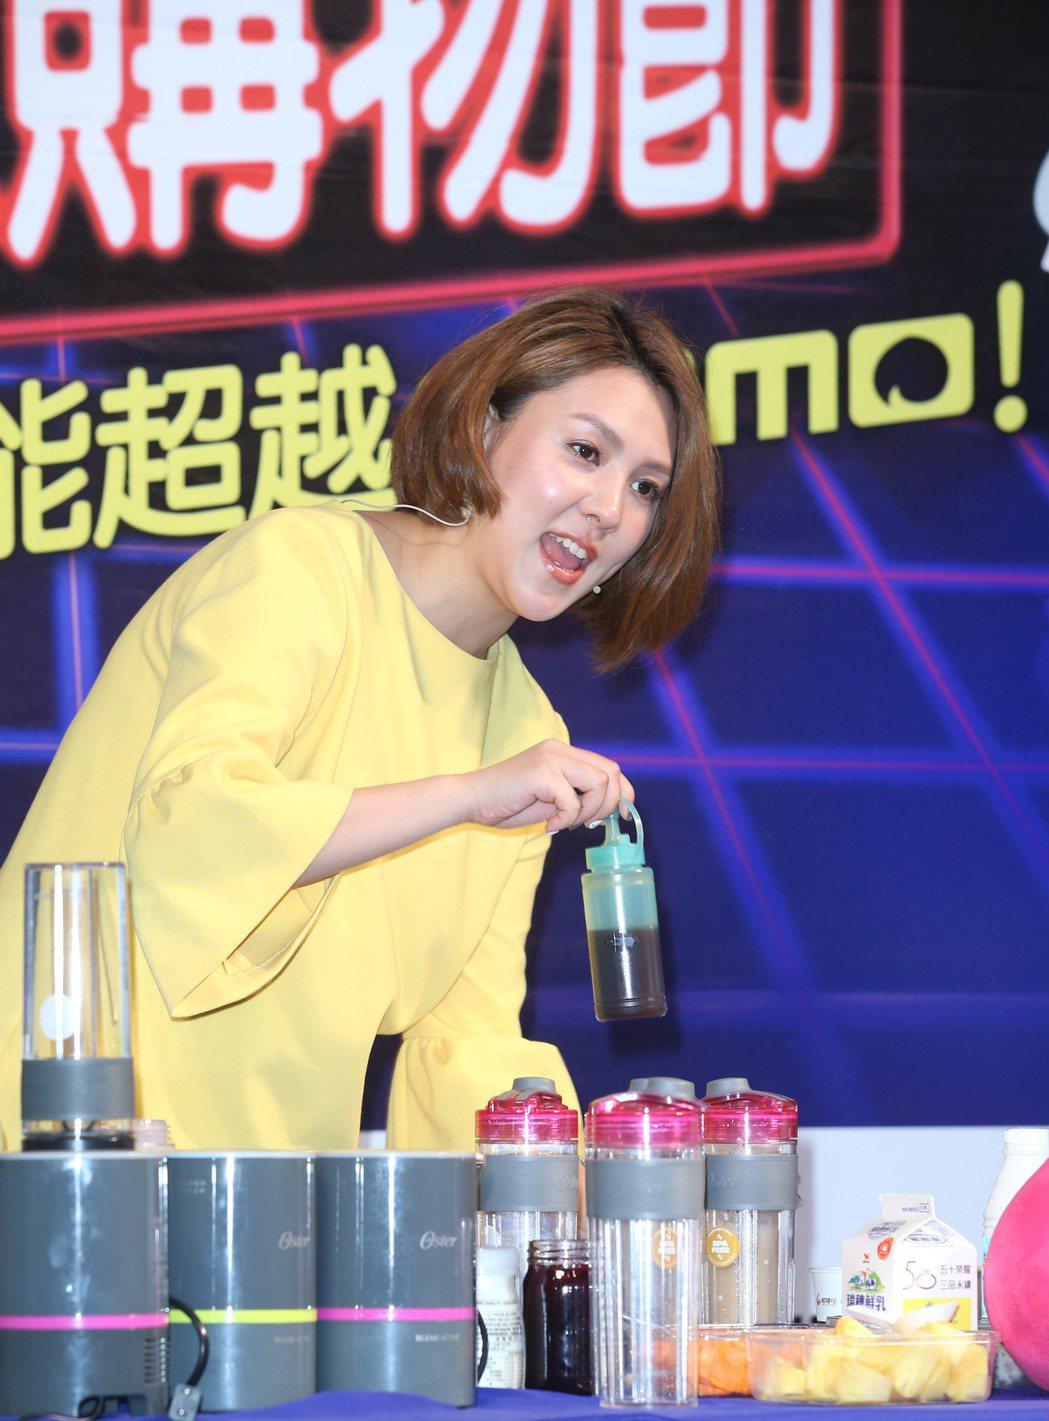 朱芯儀出席購物台活動。記者陳瑞源/攝影